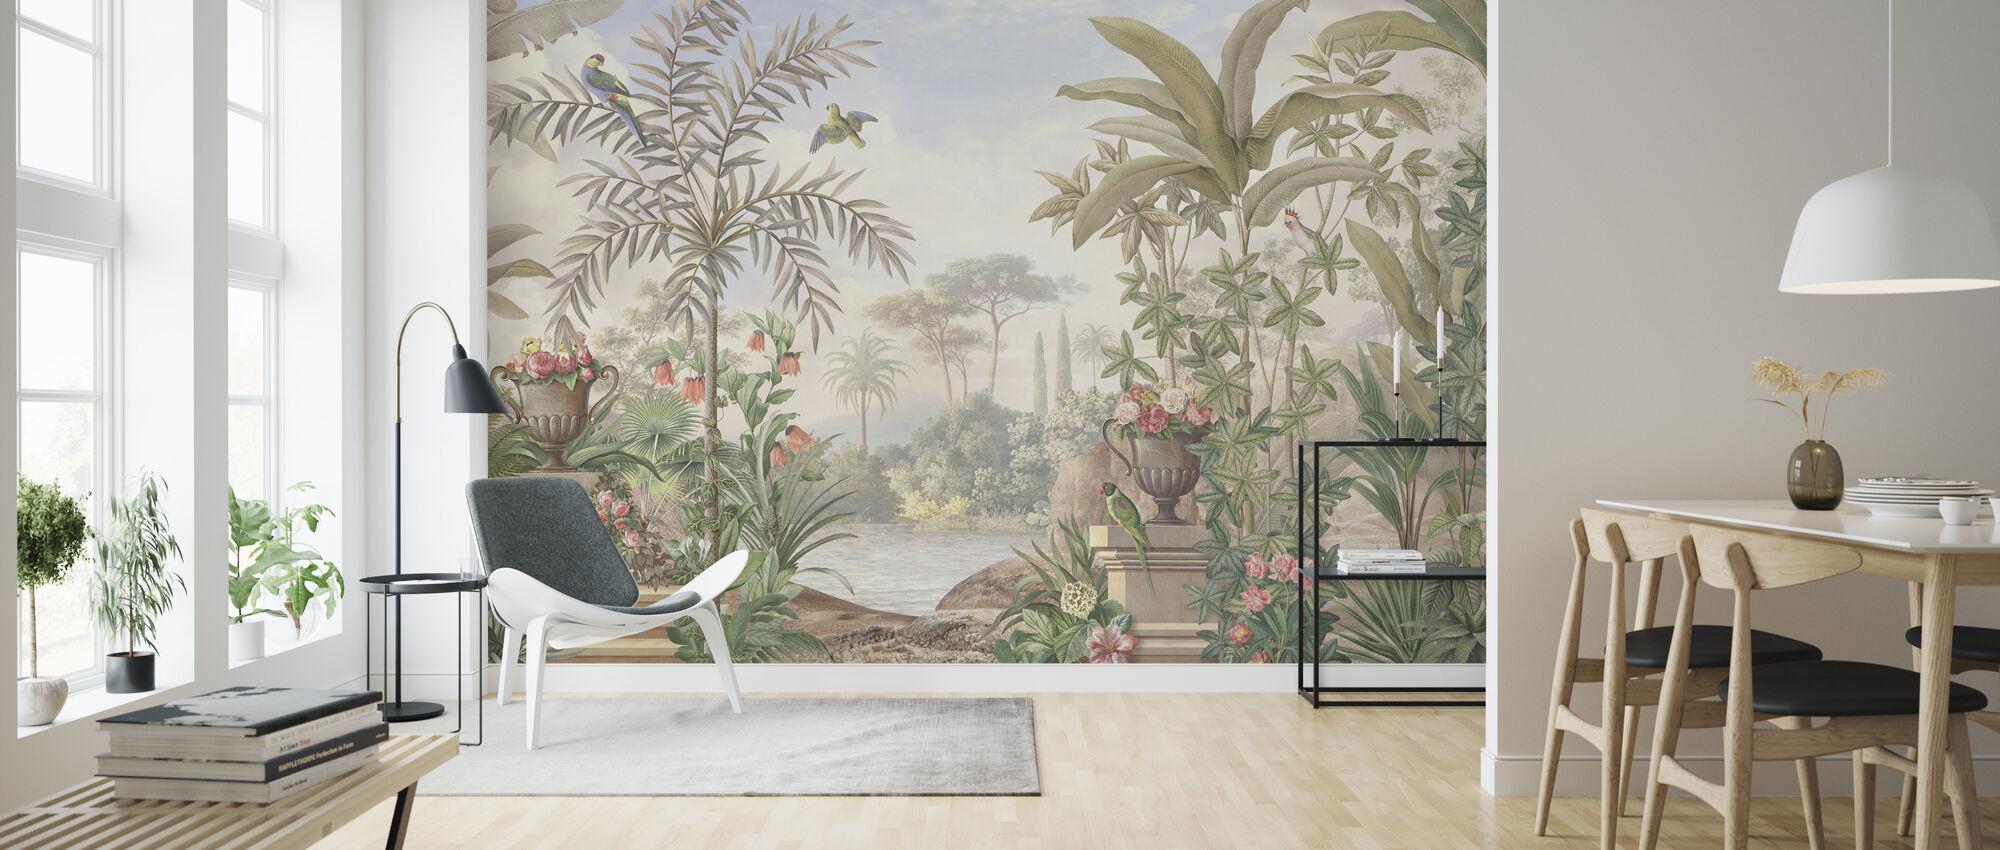 Tropisk terrasse - Tapet - Stue